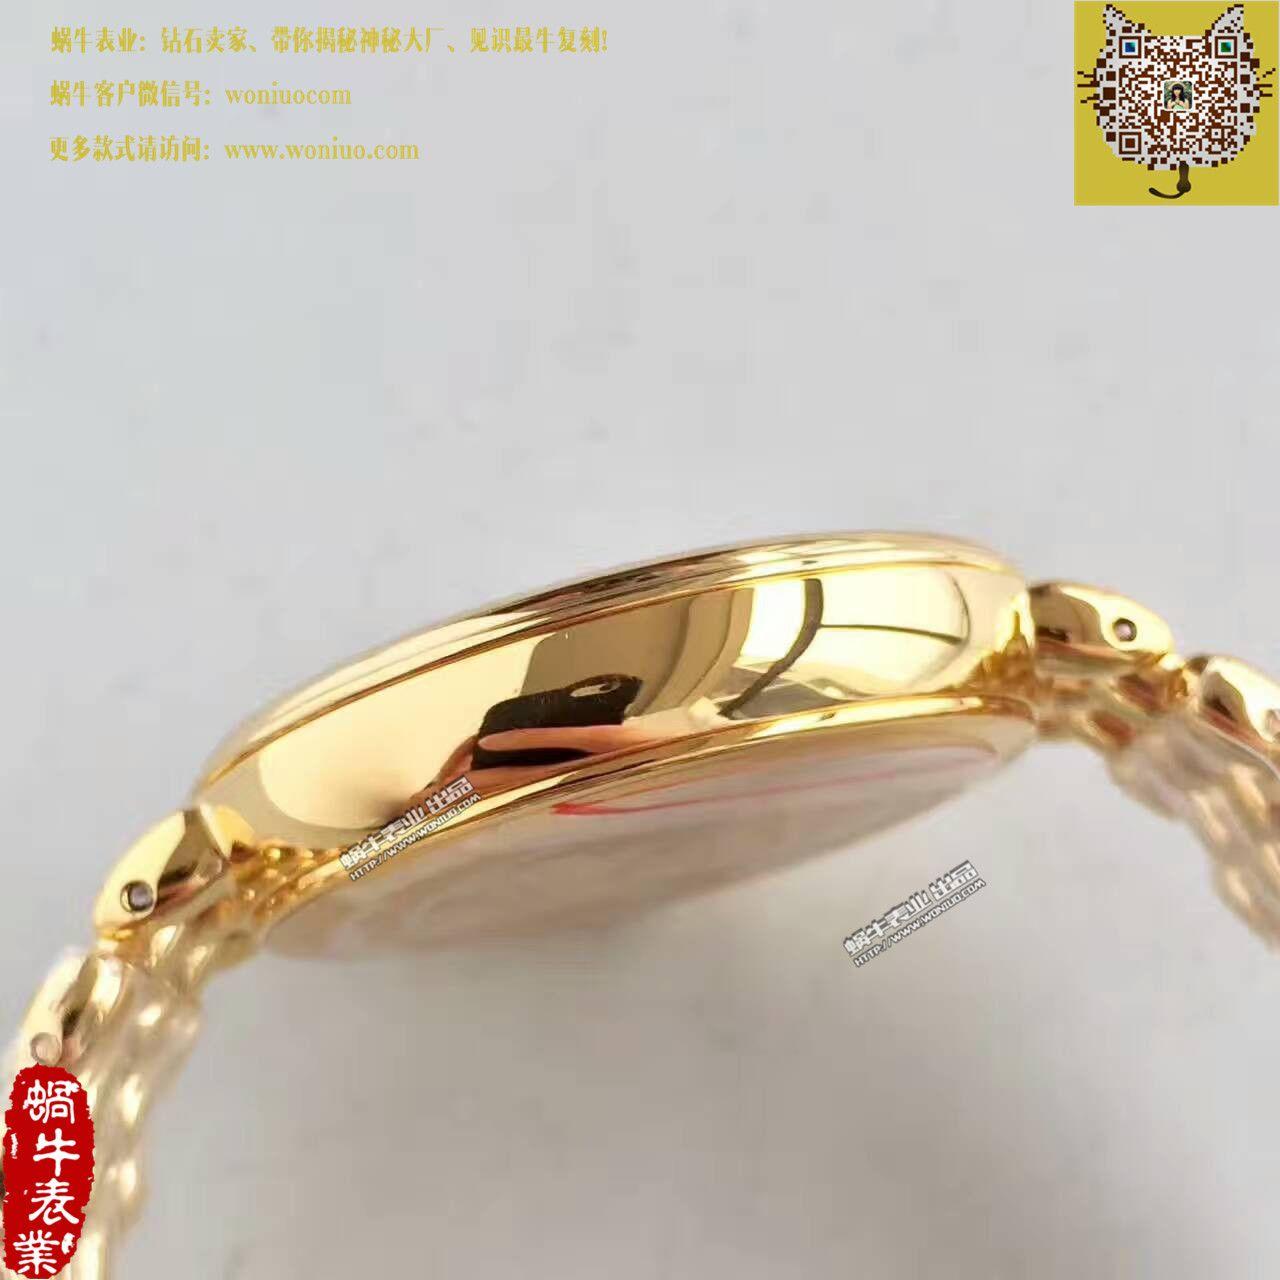 【一比一超A高仿手表】欧米茄碟飞系列424.55.33.20.55.008女士石英腕表